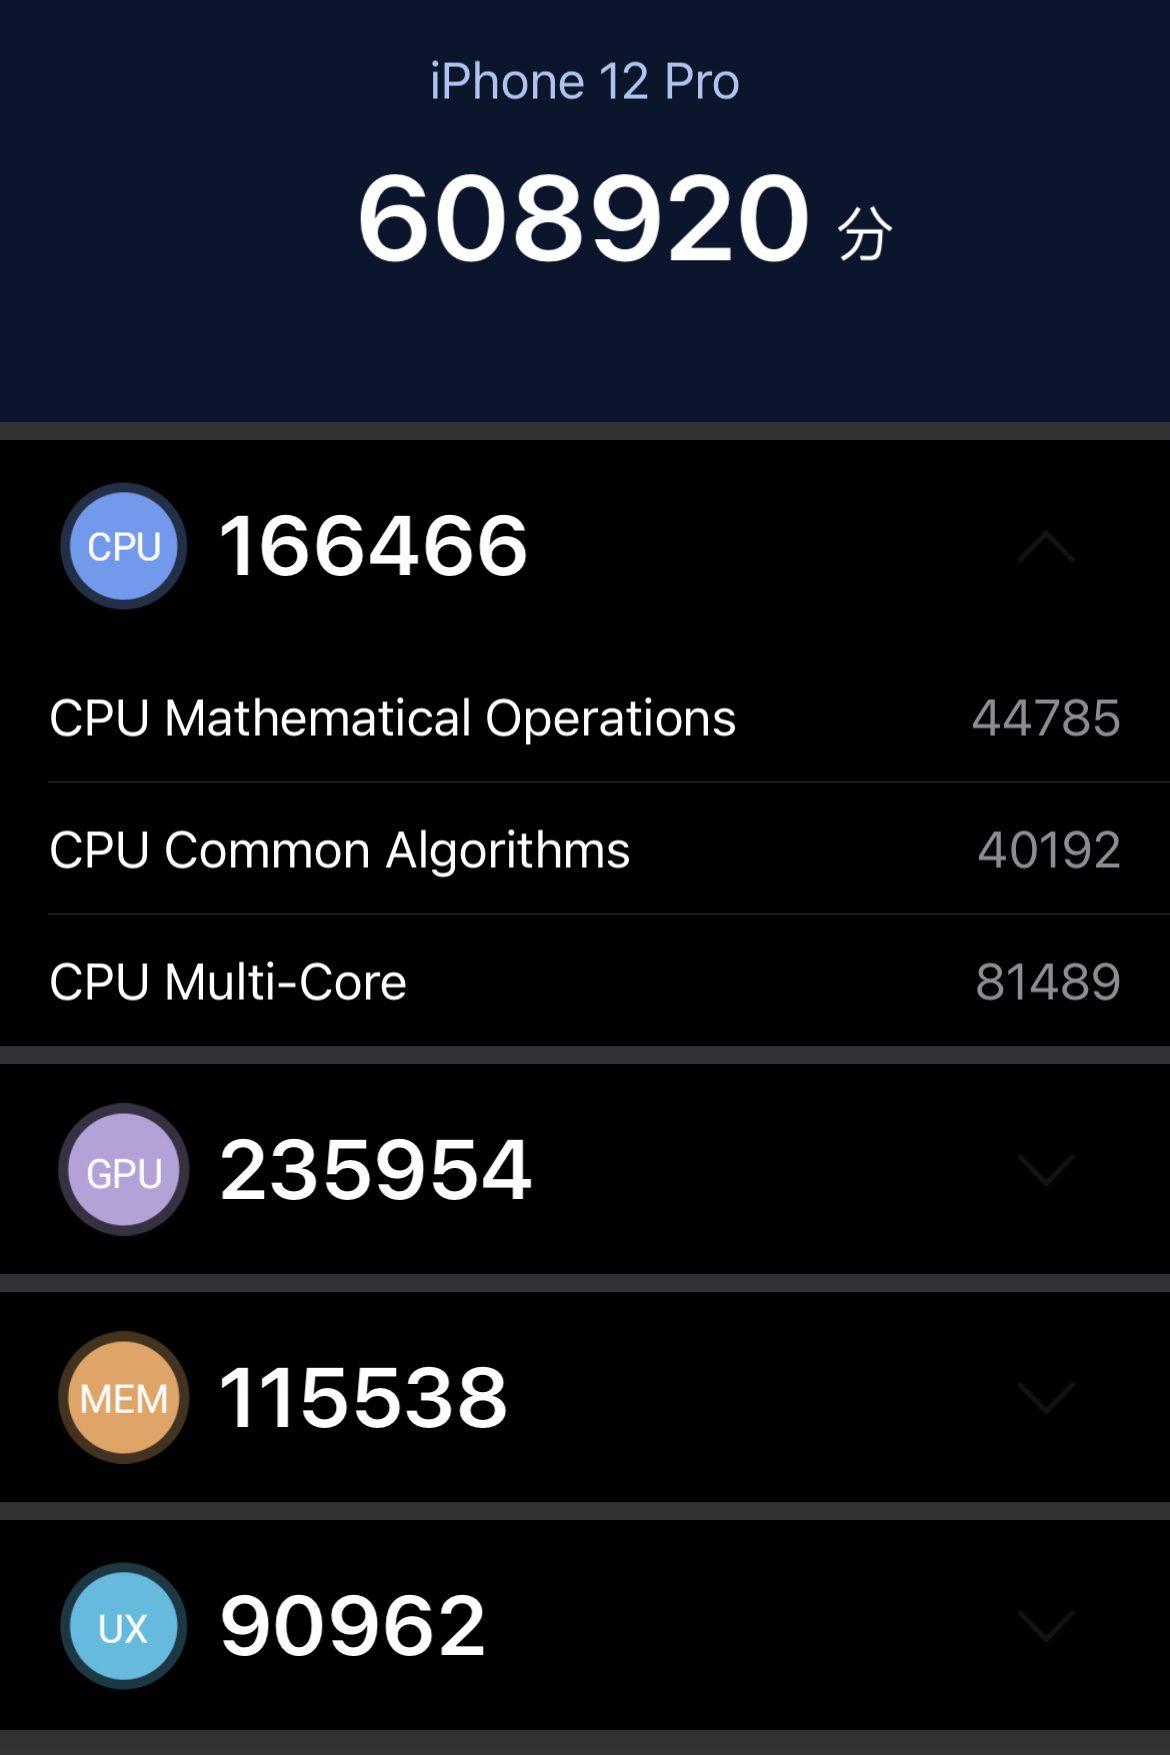 wydajność cpu iphone 12 pro